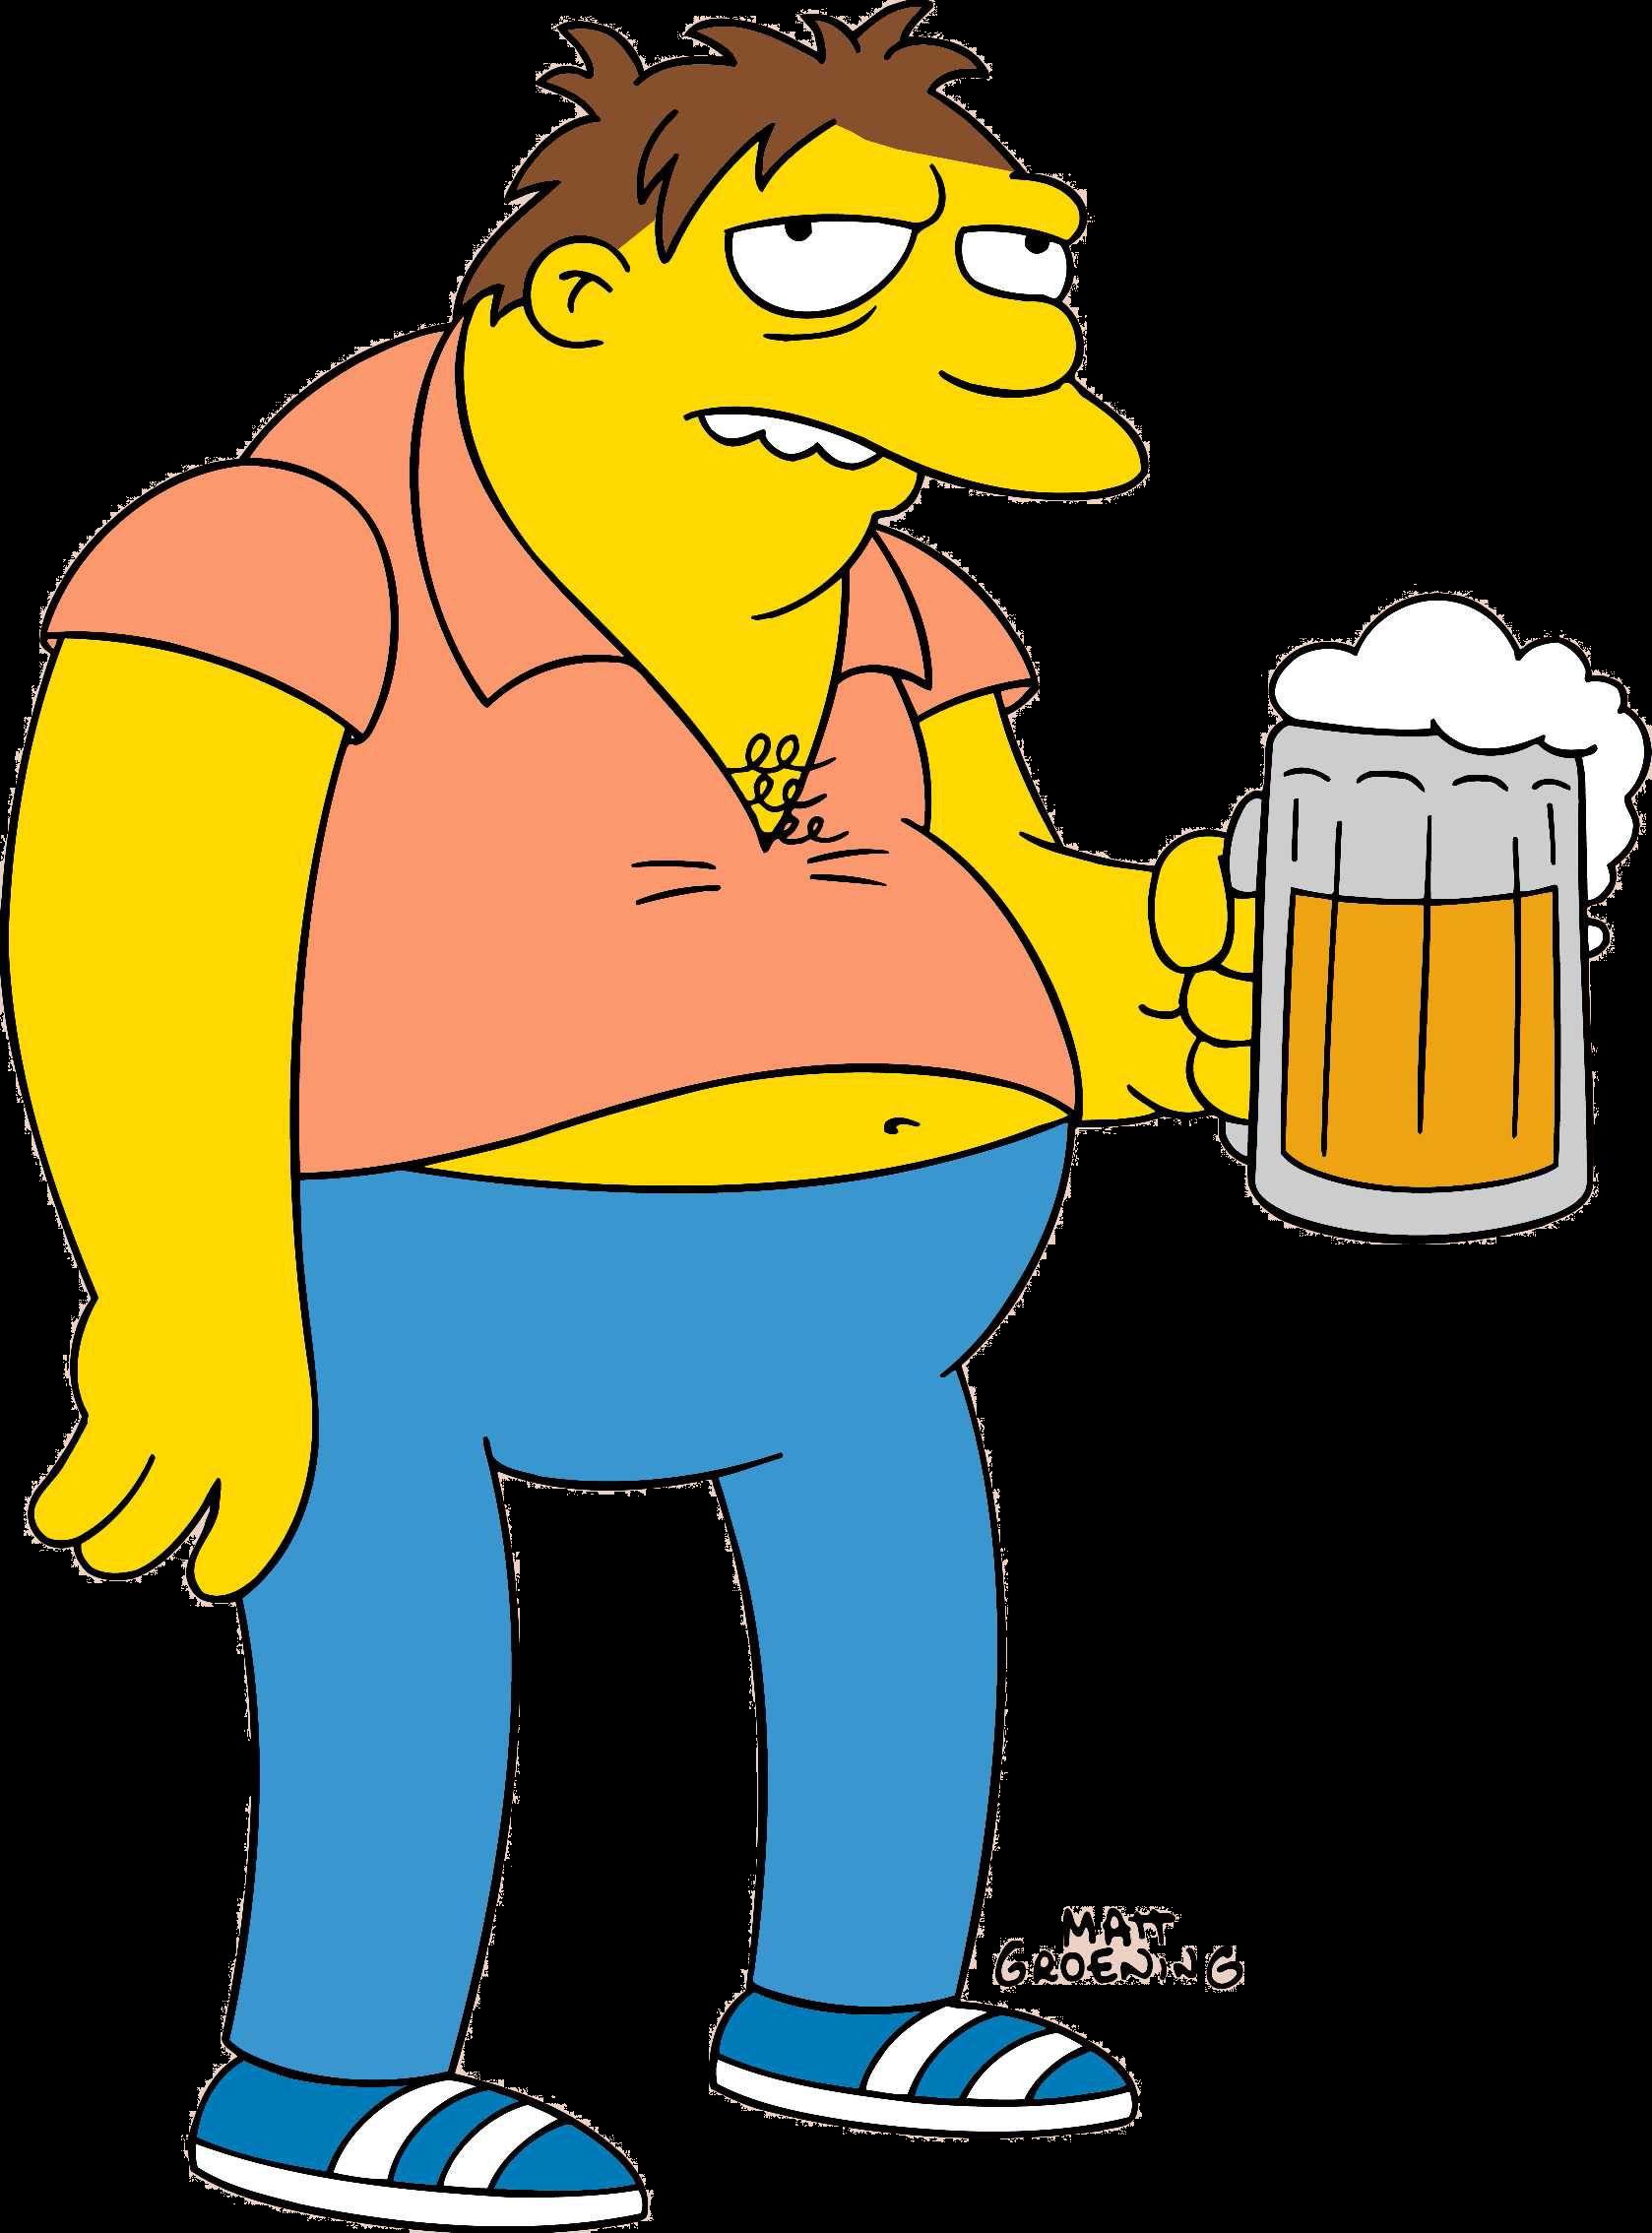 Barney Simpson Porn a qué personaje de 'los simpson' pertenece esta frase